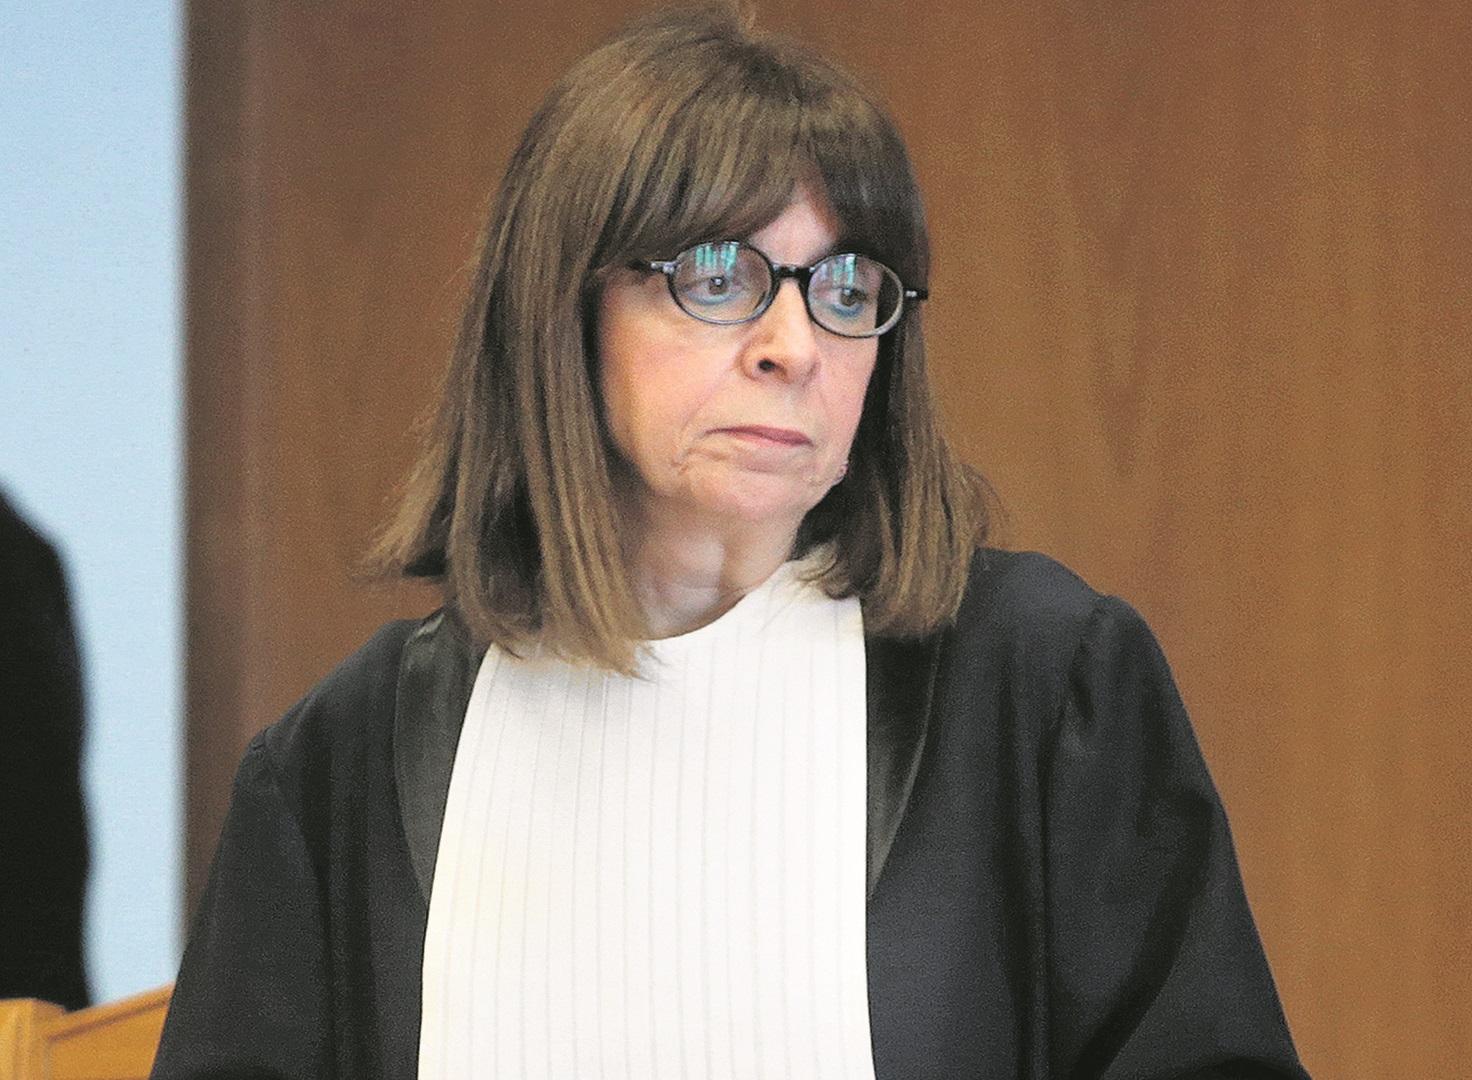 Η πρόεδρος του Συμβουλίου της Επικρατείας Αικατερίνη Σακελλαροπούλου , προεδρεύει σε συνεδρίαση της Ολομέλεια του Ανώτατου Ακυρωτικού Δικαστηρίου, Παρασκευή 1 Φεβρουαρίου 2019. Συνεδρίασε η ολομέλεια του Συμβουλίου της Επικρατείας με θέμα την κατάργηση του 13ου και 14ου μισθού των εν ενεργεία δημοσίων υπαλλήλων. ΑΠΕ-ΜΠΕ/ΑΠΕ-ΜΠΕ/Παντελής Σαίτας